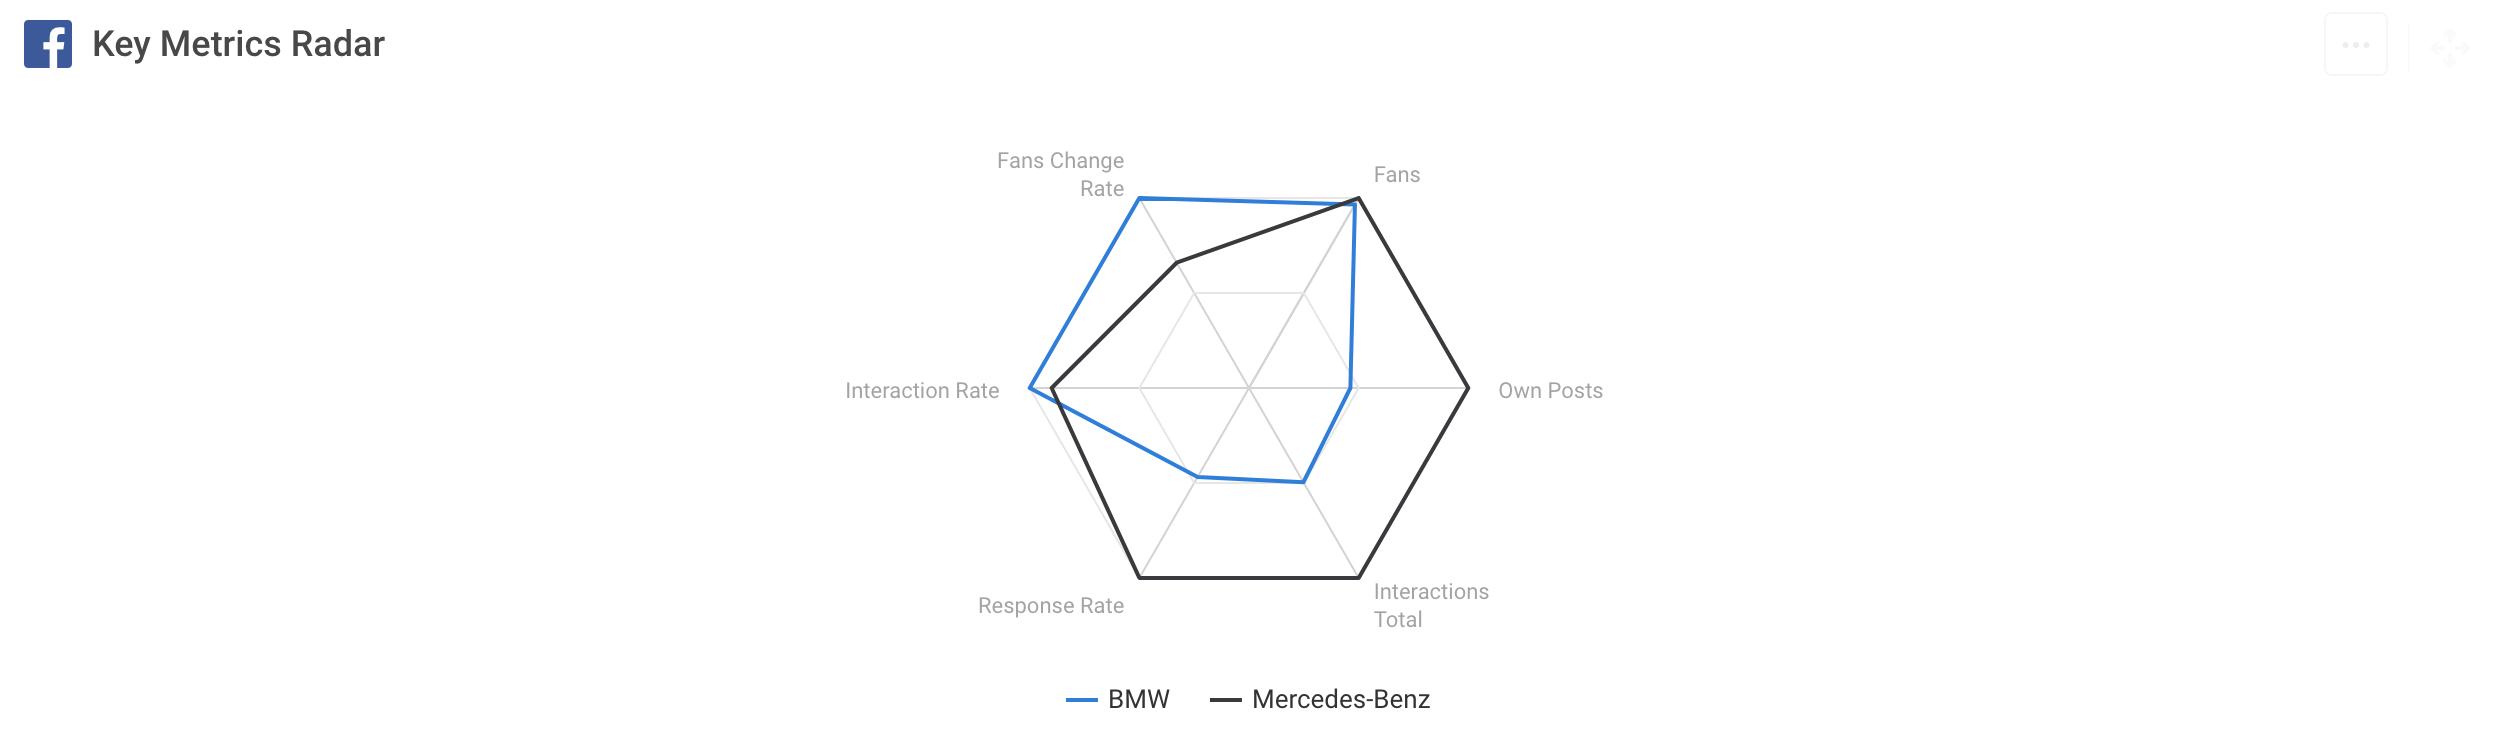 favorite metrics